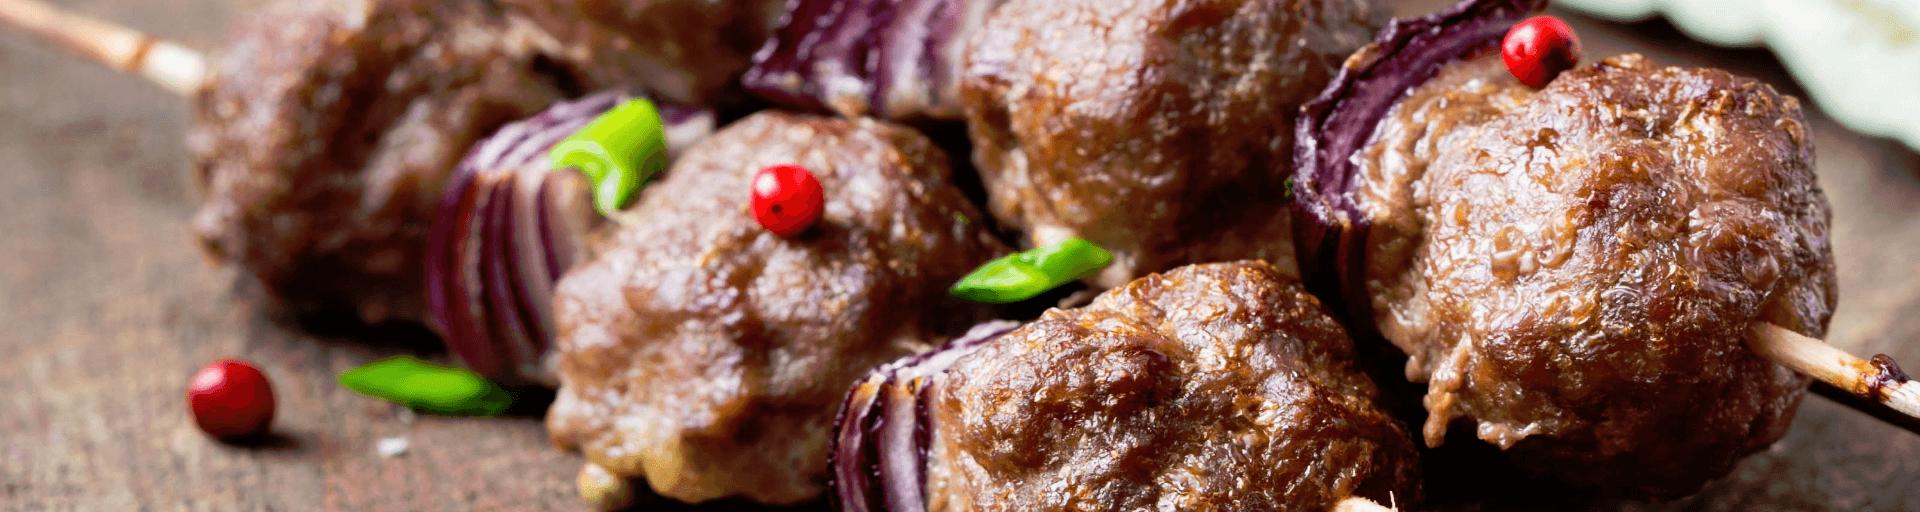 Ищем самый вкусный маринад для шашлыка из говядины